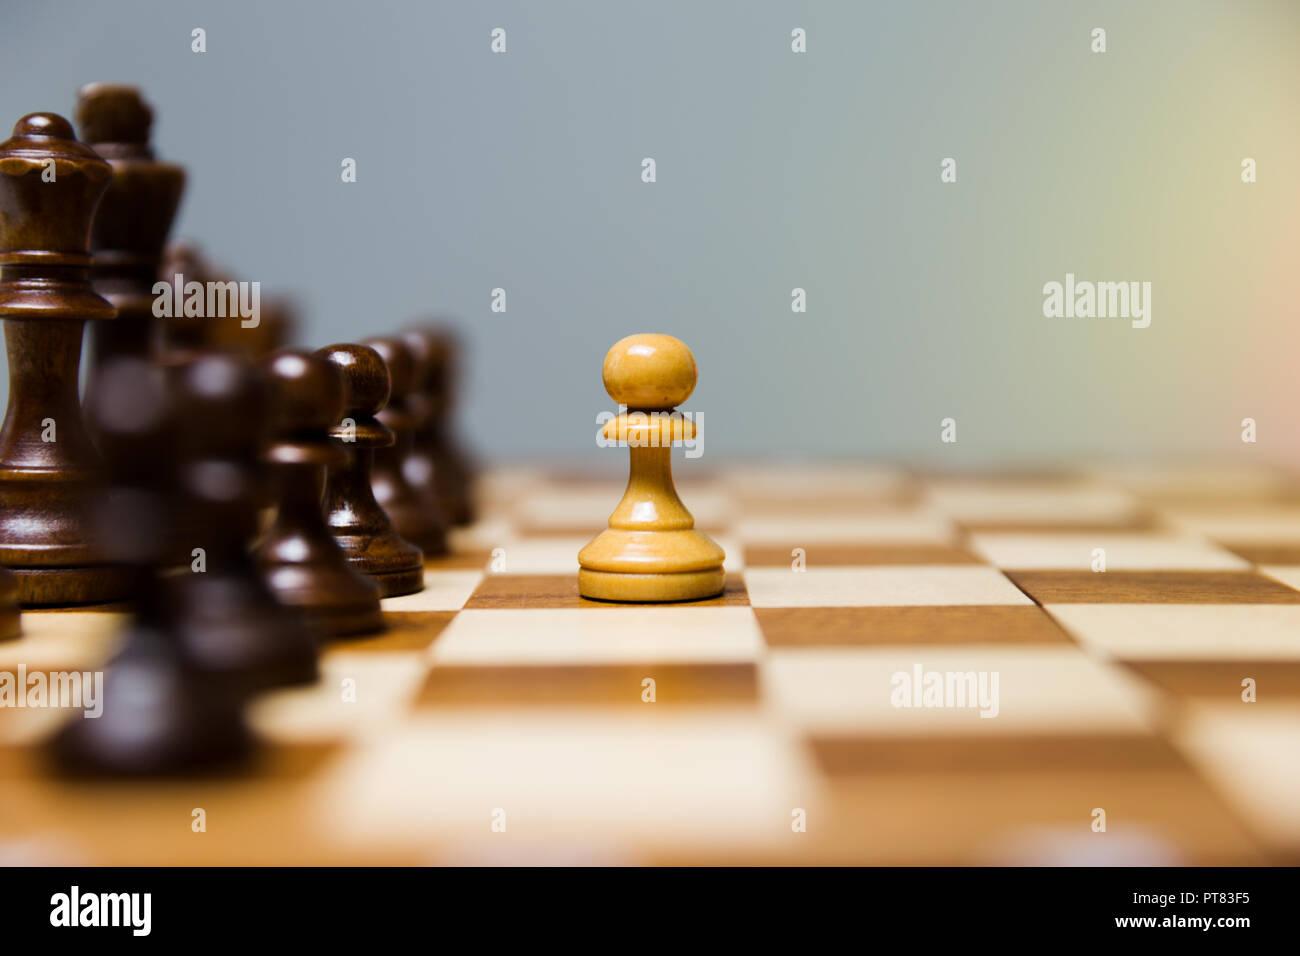 Peón de pie en frente de las figuras de ajedrez oscuro alineados. La valentía y el liderazgo del concepto. Imagen De Stock